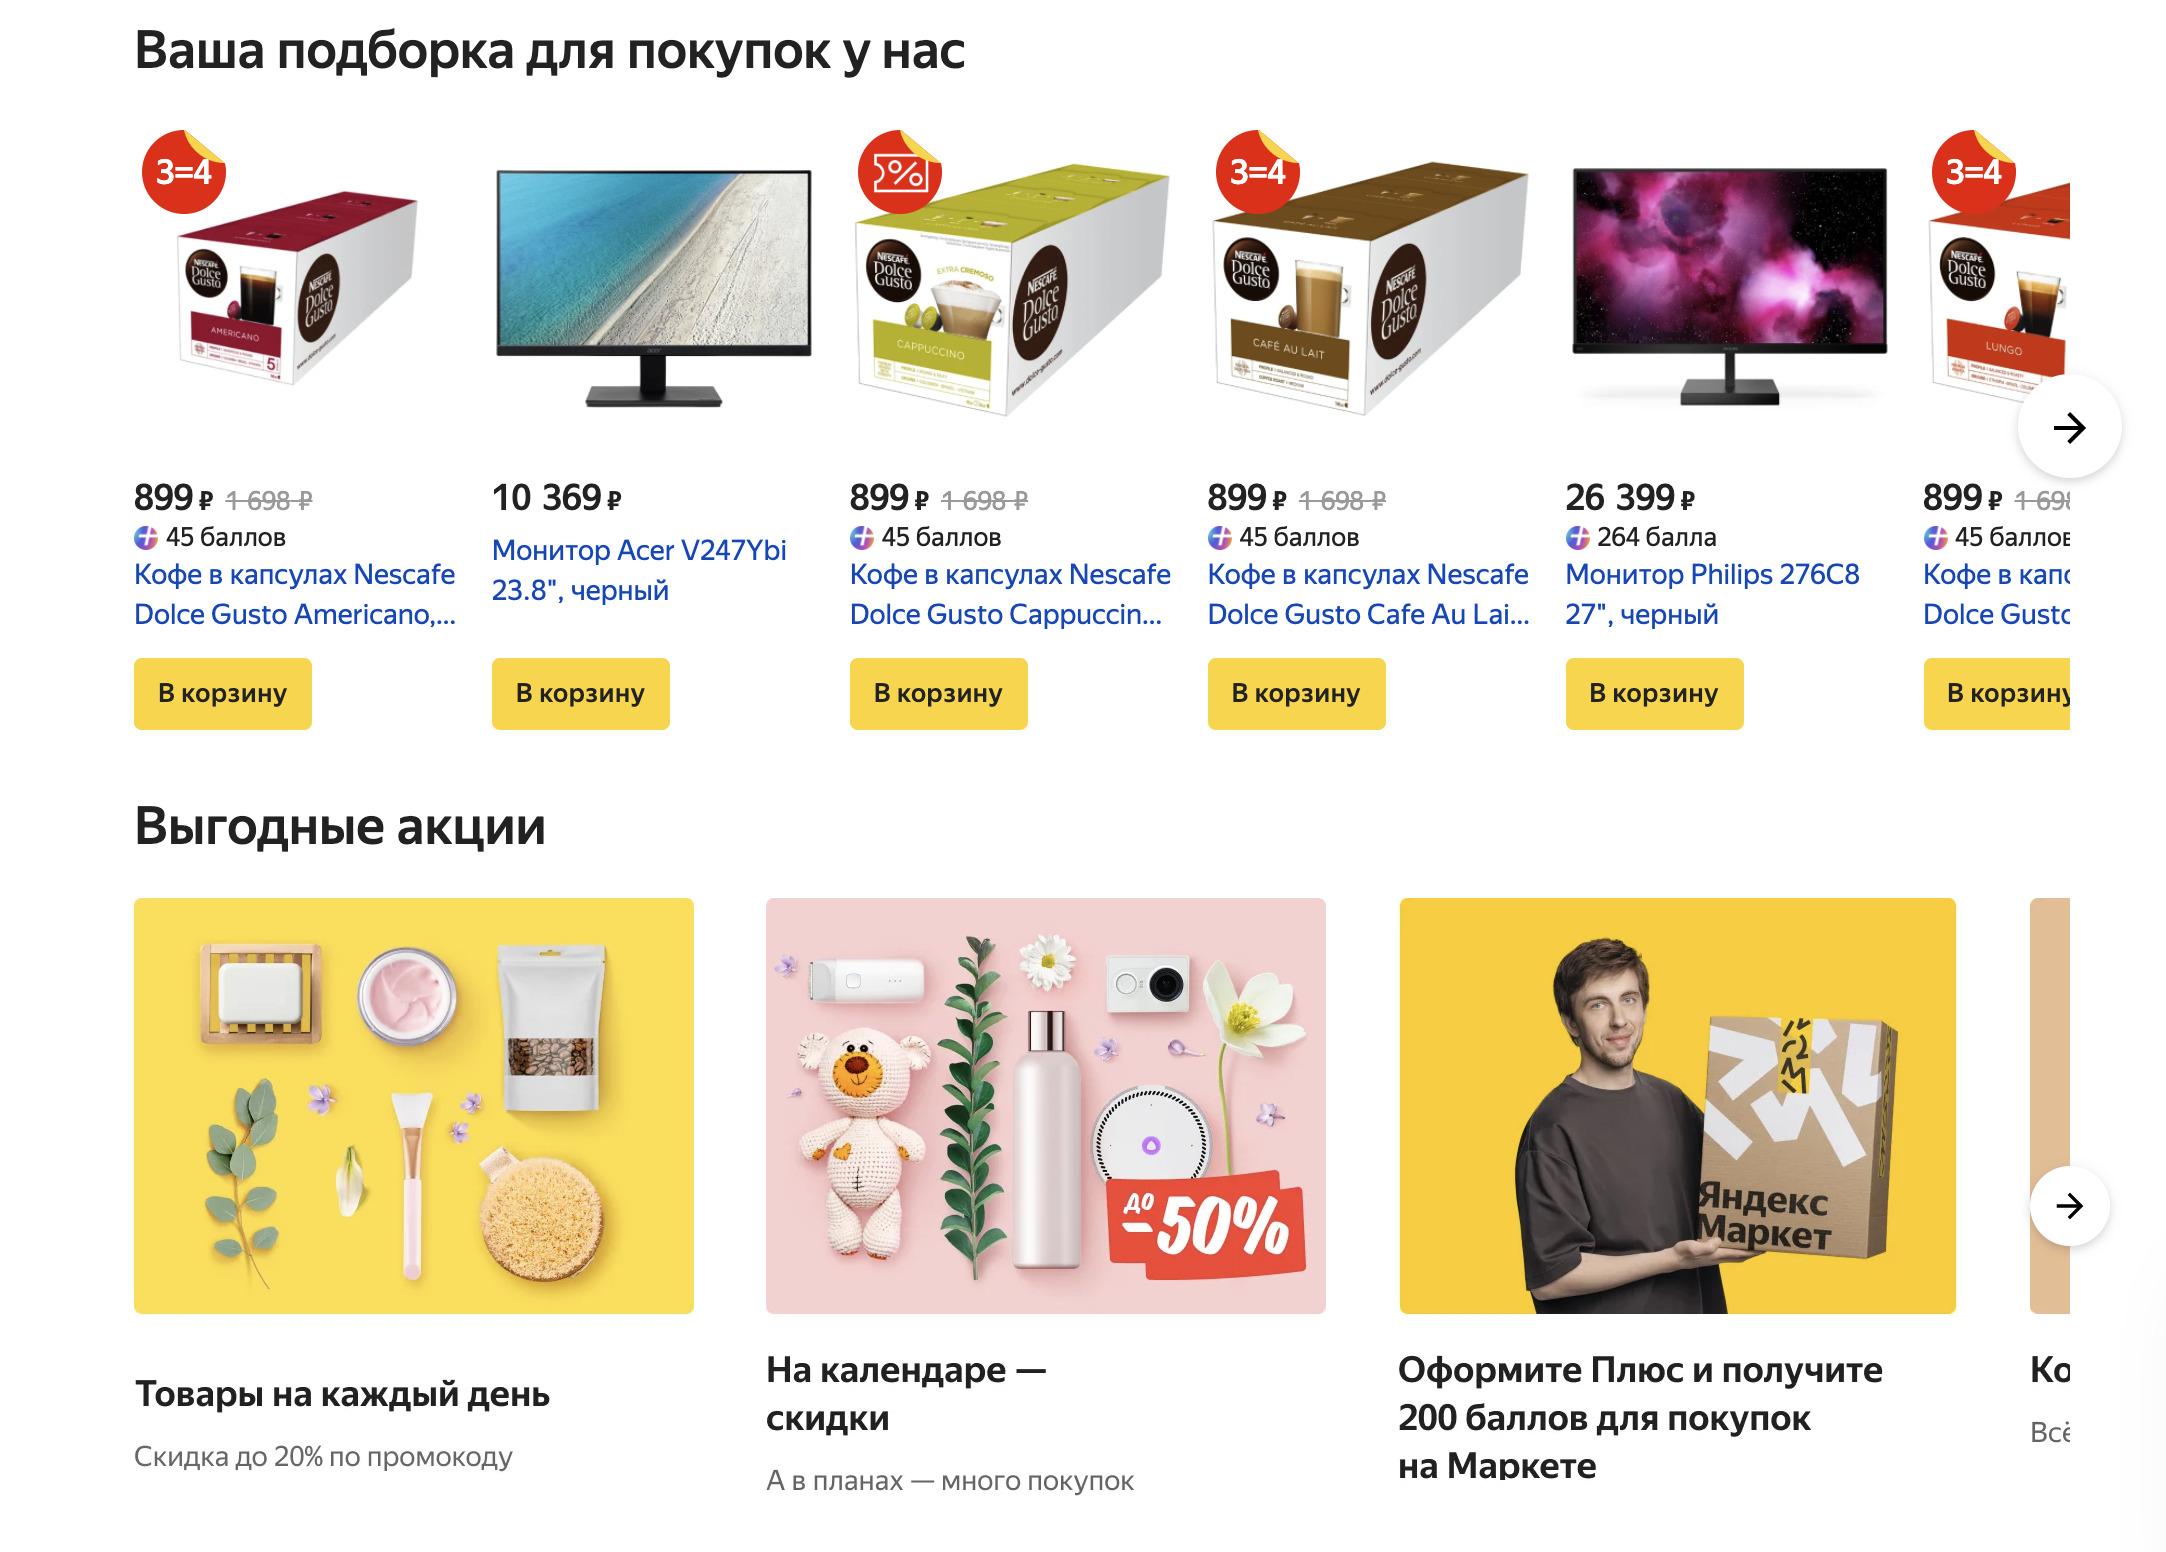 Доставка из Яндекс.Маркет в Дубна, сроки, пункты выдачи, каталог